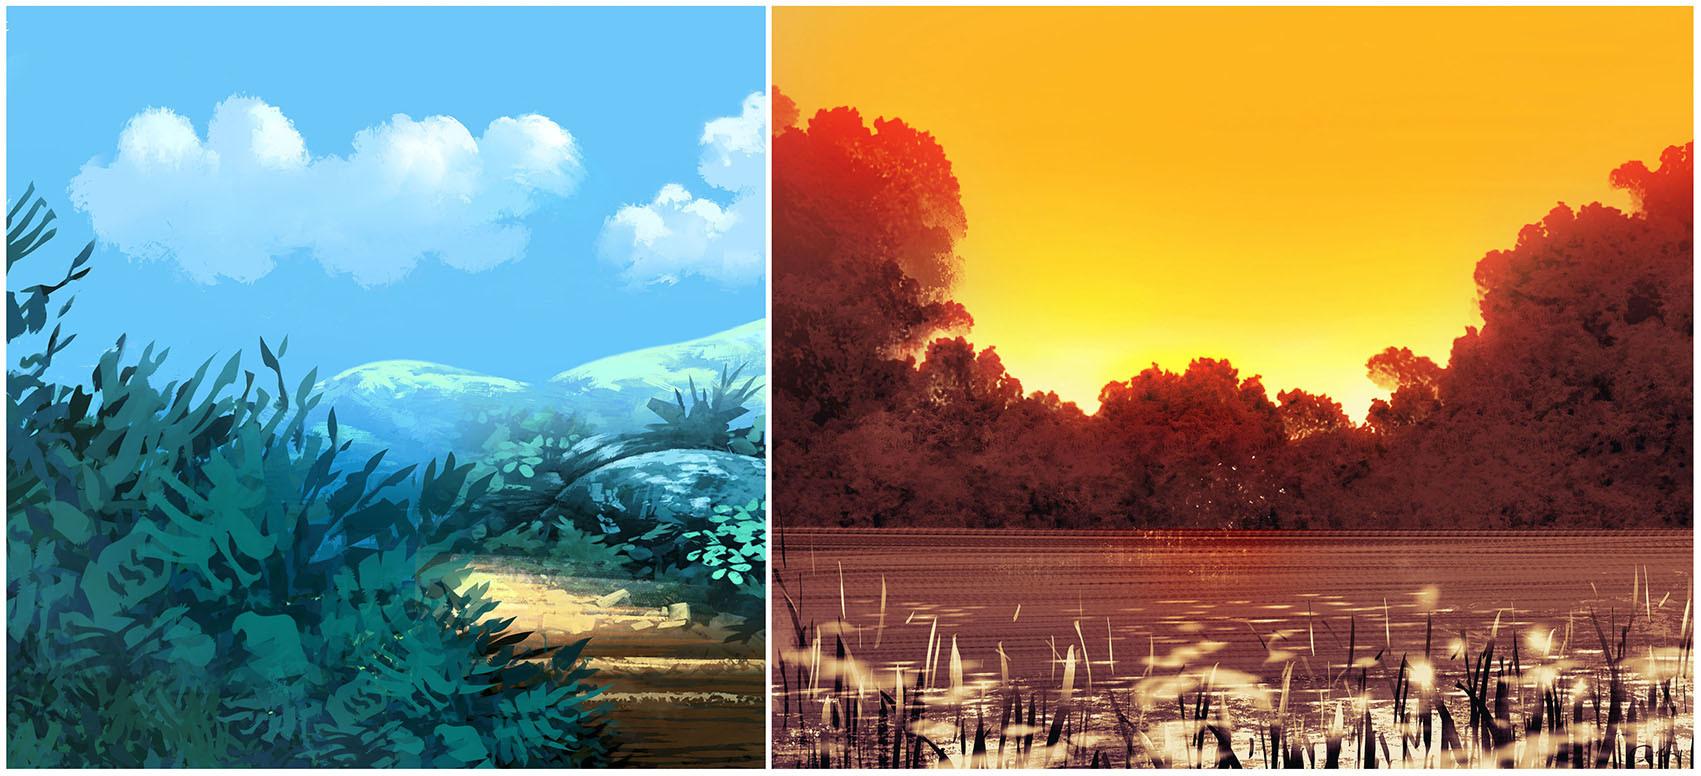 Emrullah cita miyazaki style